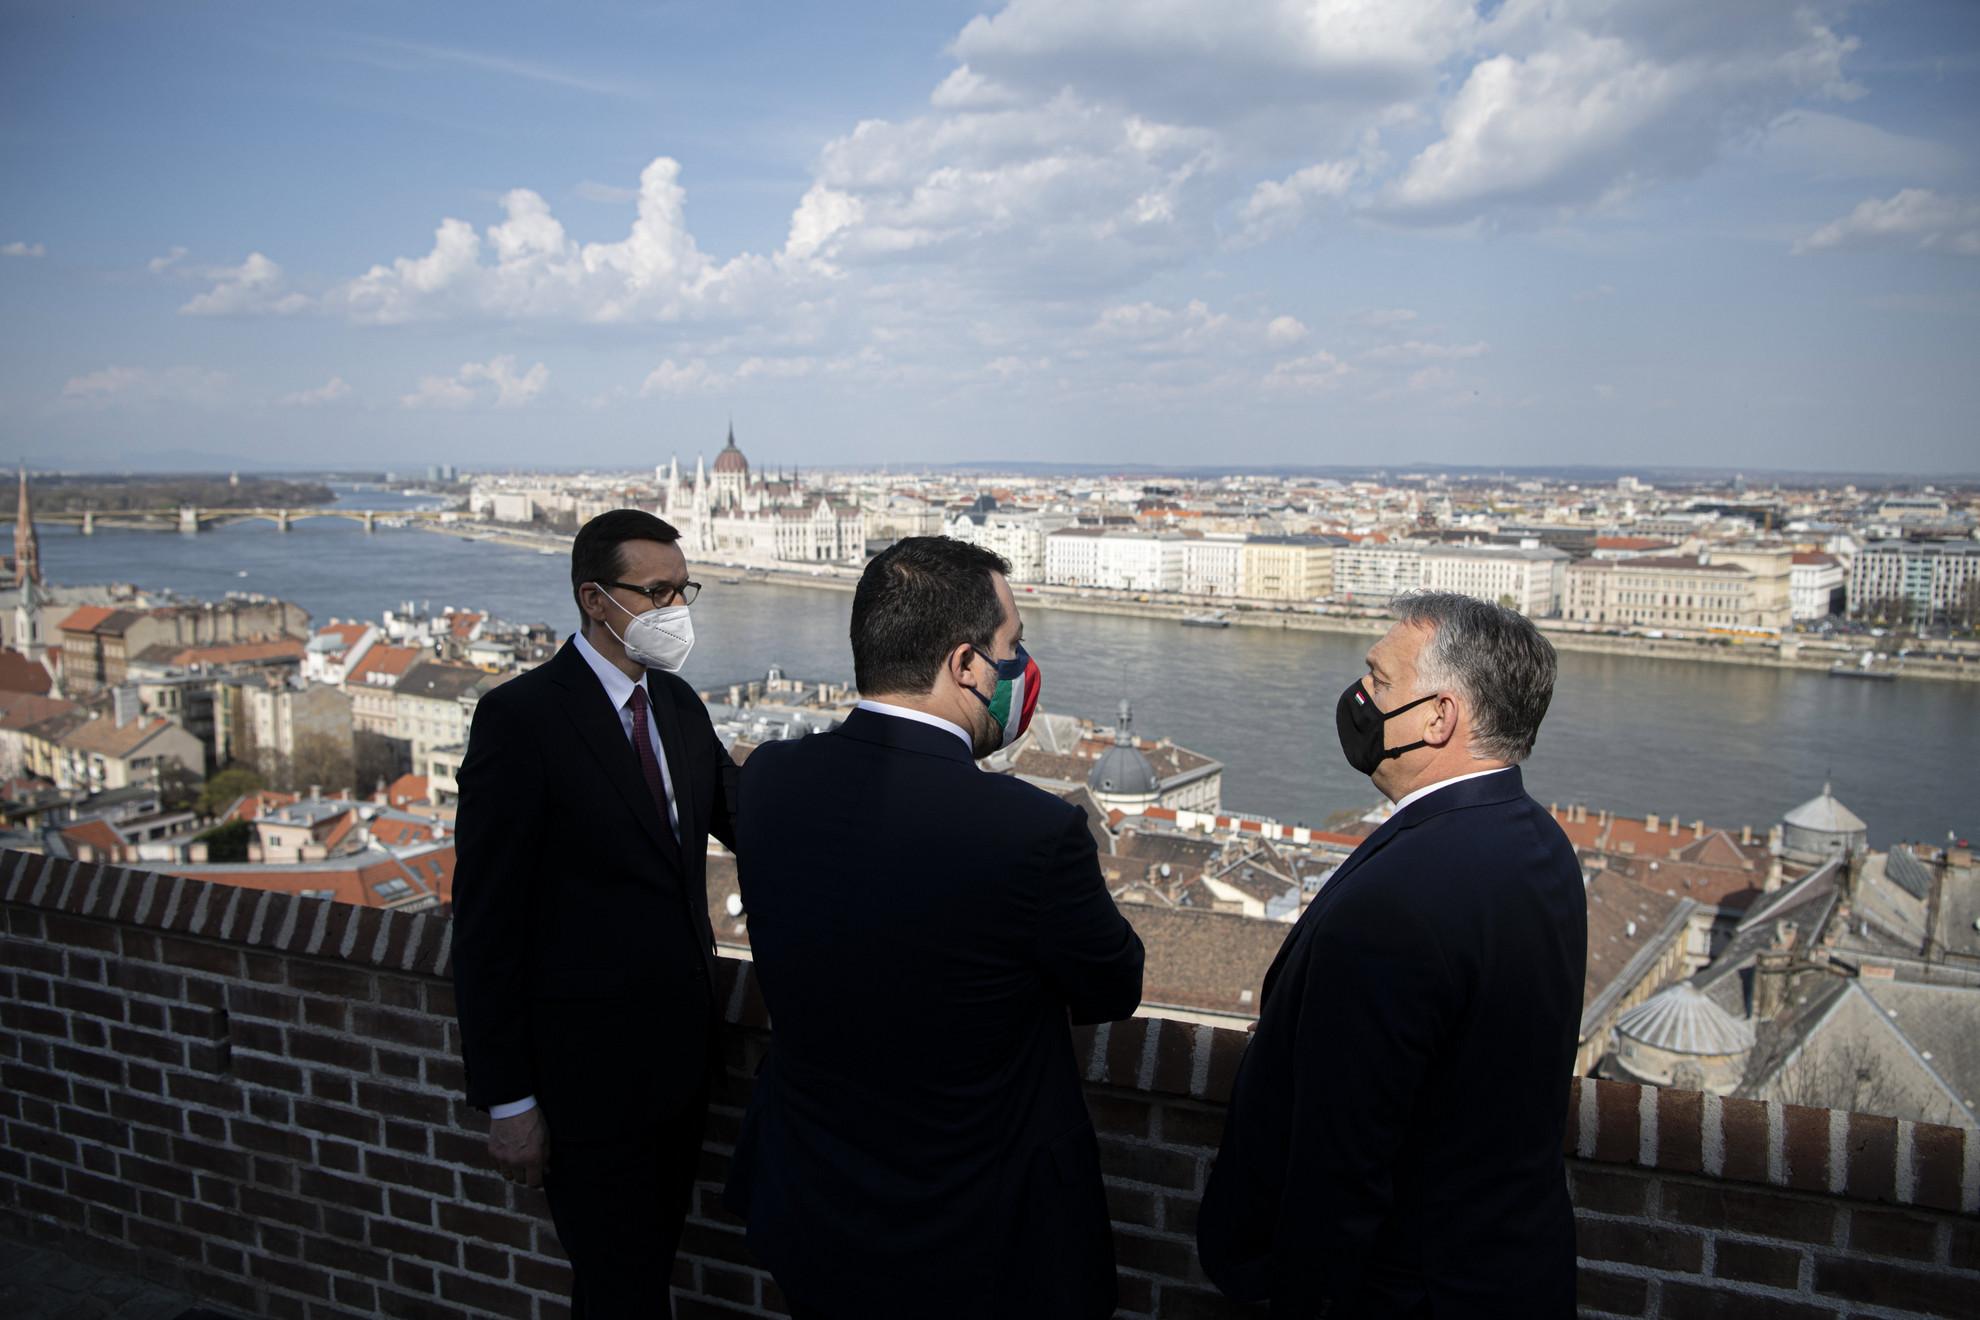 Orbán Viktor miniszterelnök, a Fidesz elnöke (j) Matteo Salvinivel, az olasz jobboldali kormánypárt, a Liga vezetőjével (k) és Mateusz Morawiecki lengyel miniszterelnökkel (b) folytatott háromoldalú találkozóján a Karmelita kolostorban 2021. április 1-jén